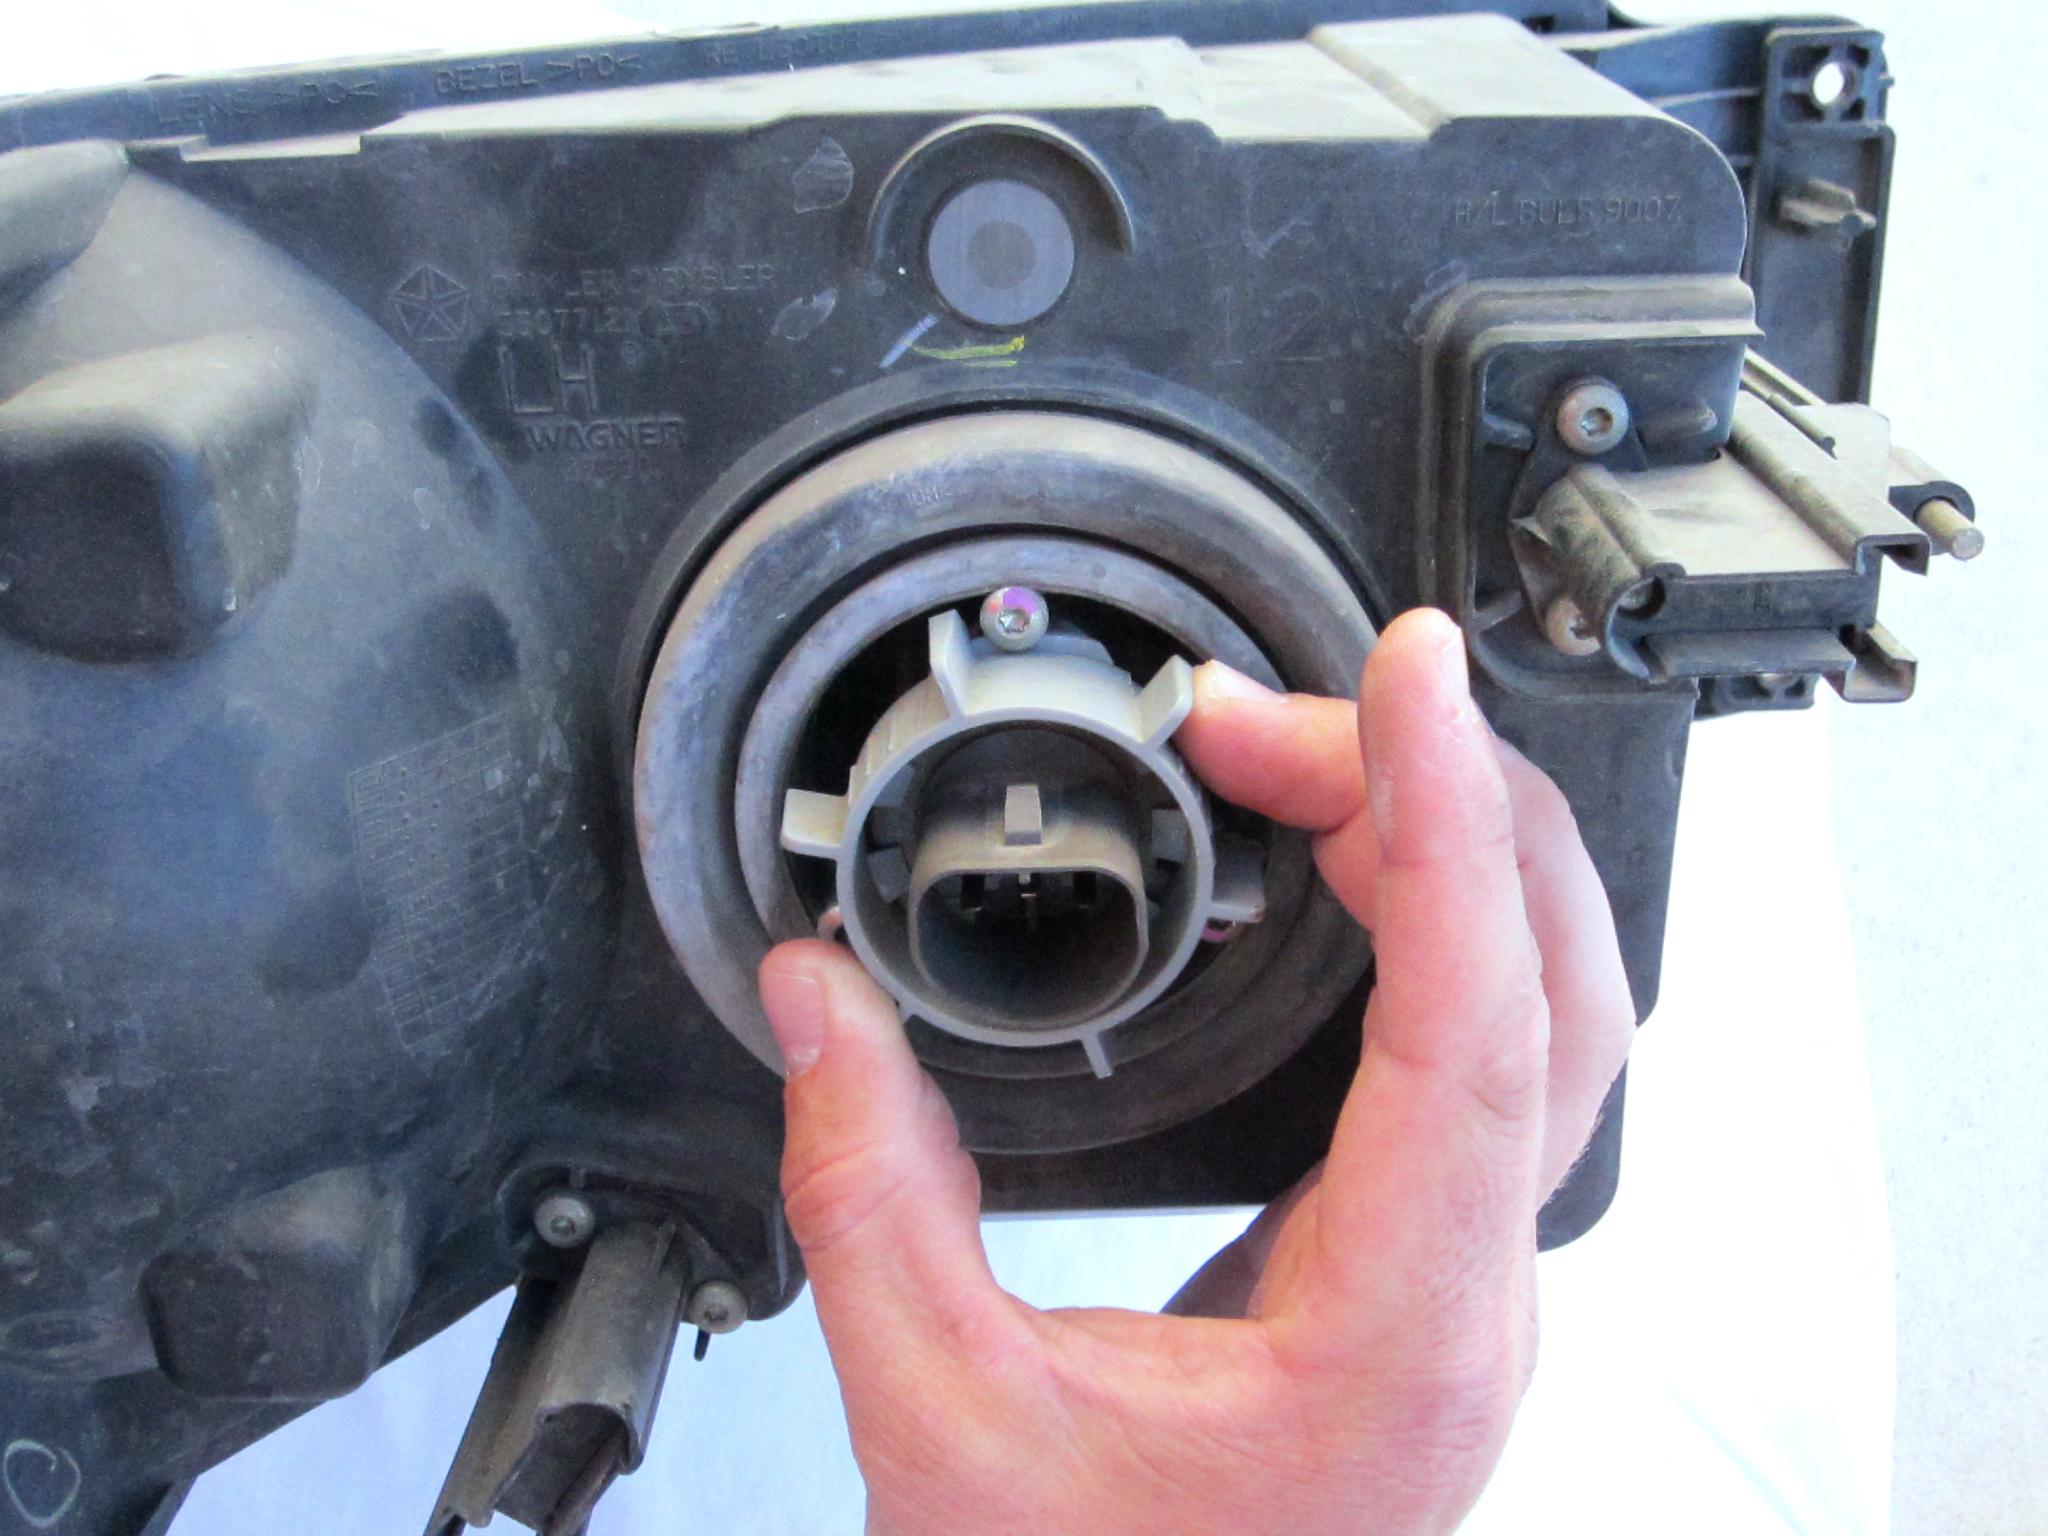 2002 2008 Dodge Ram Repair 2003 2004 2005 2006 2007 1500 V6 Fuel Filter Location Headlight Bulb